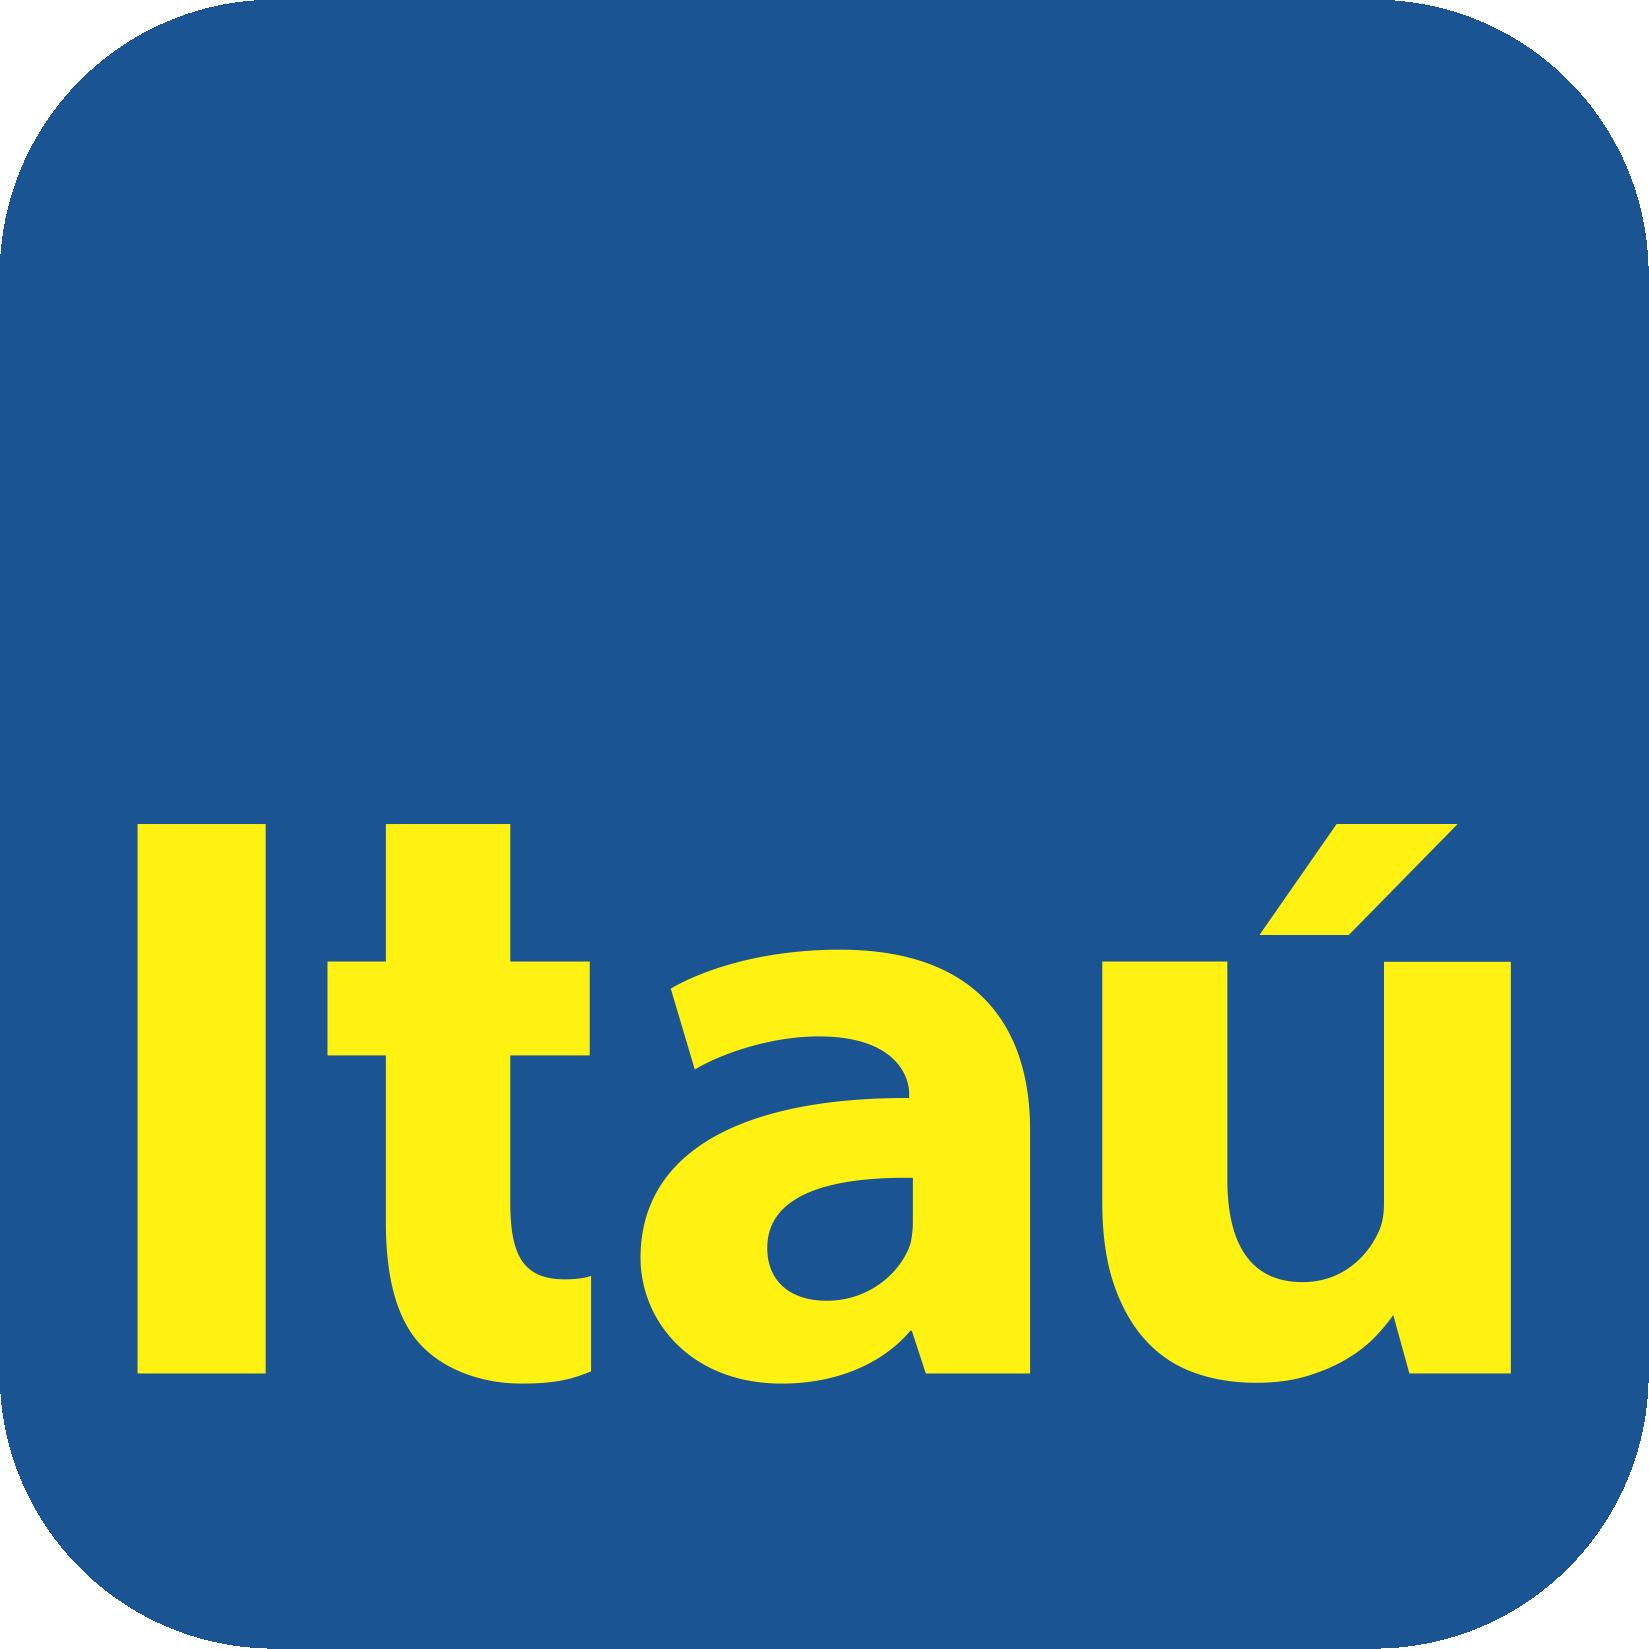 Nossa conta no Itaú